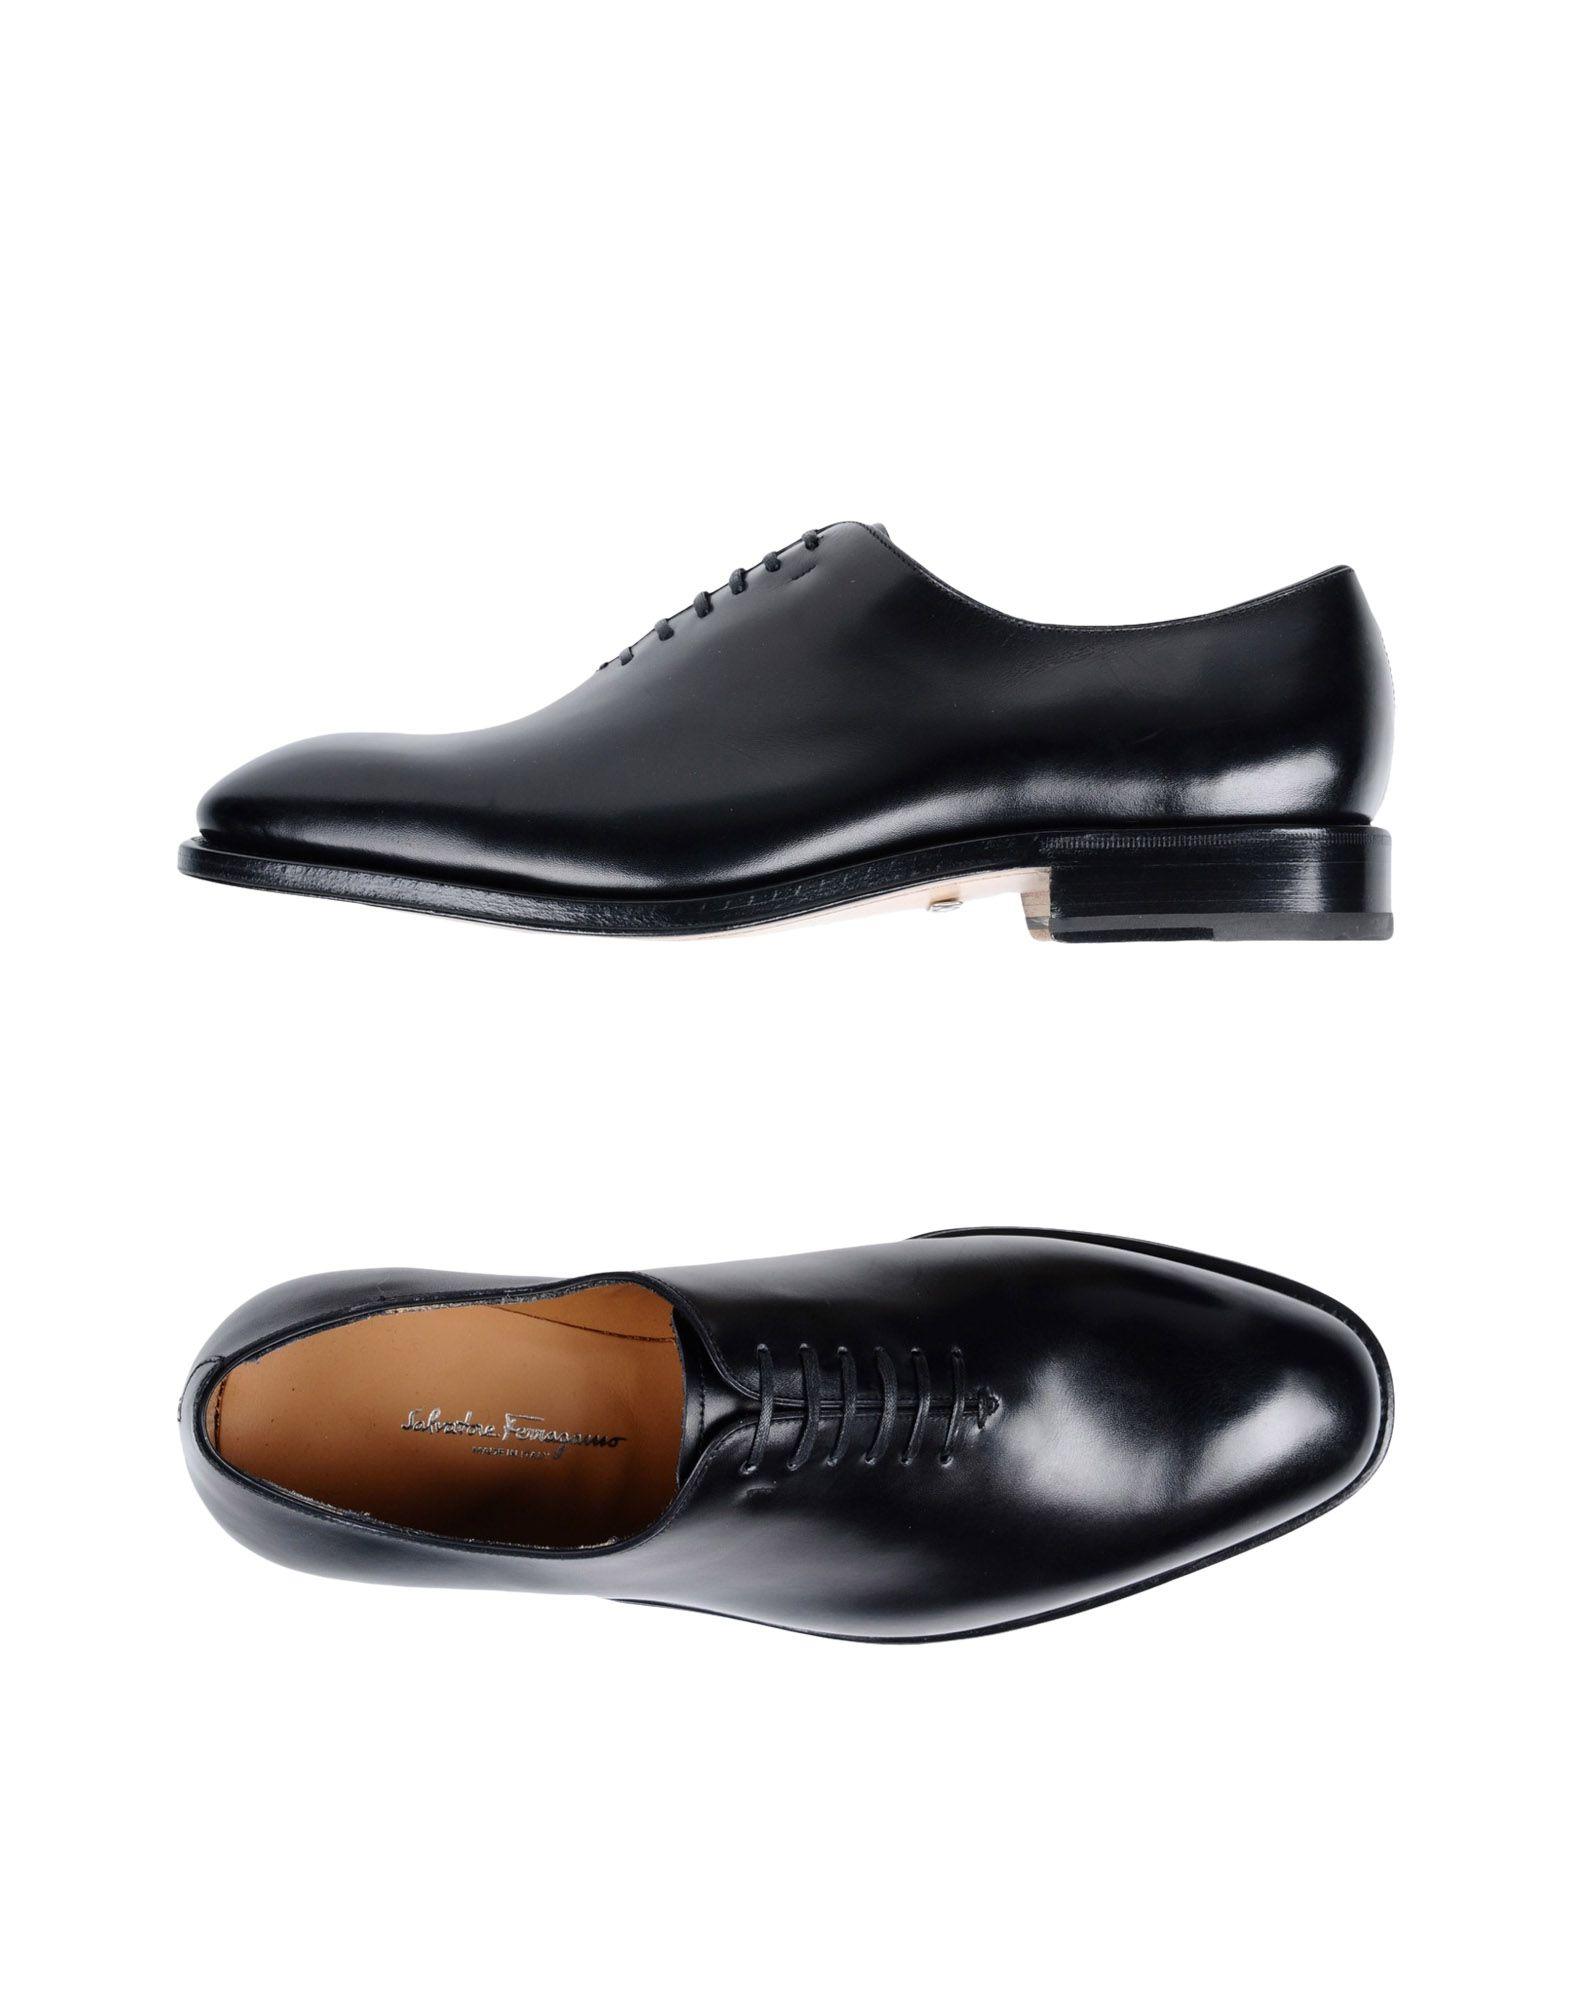 Salvatore Ferragamo Schnürschuhe Herren  11465885EV Gute Qualität beliebte Schuhe